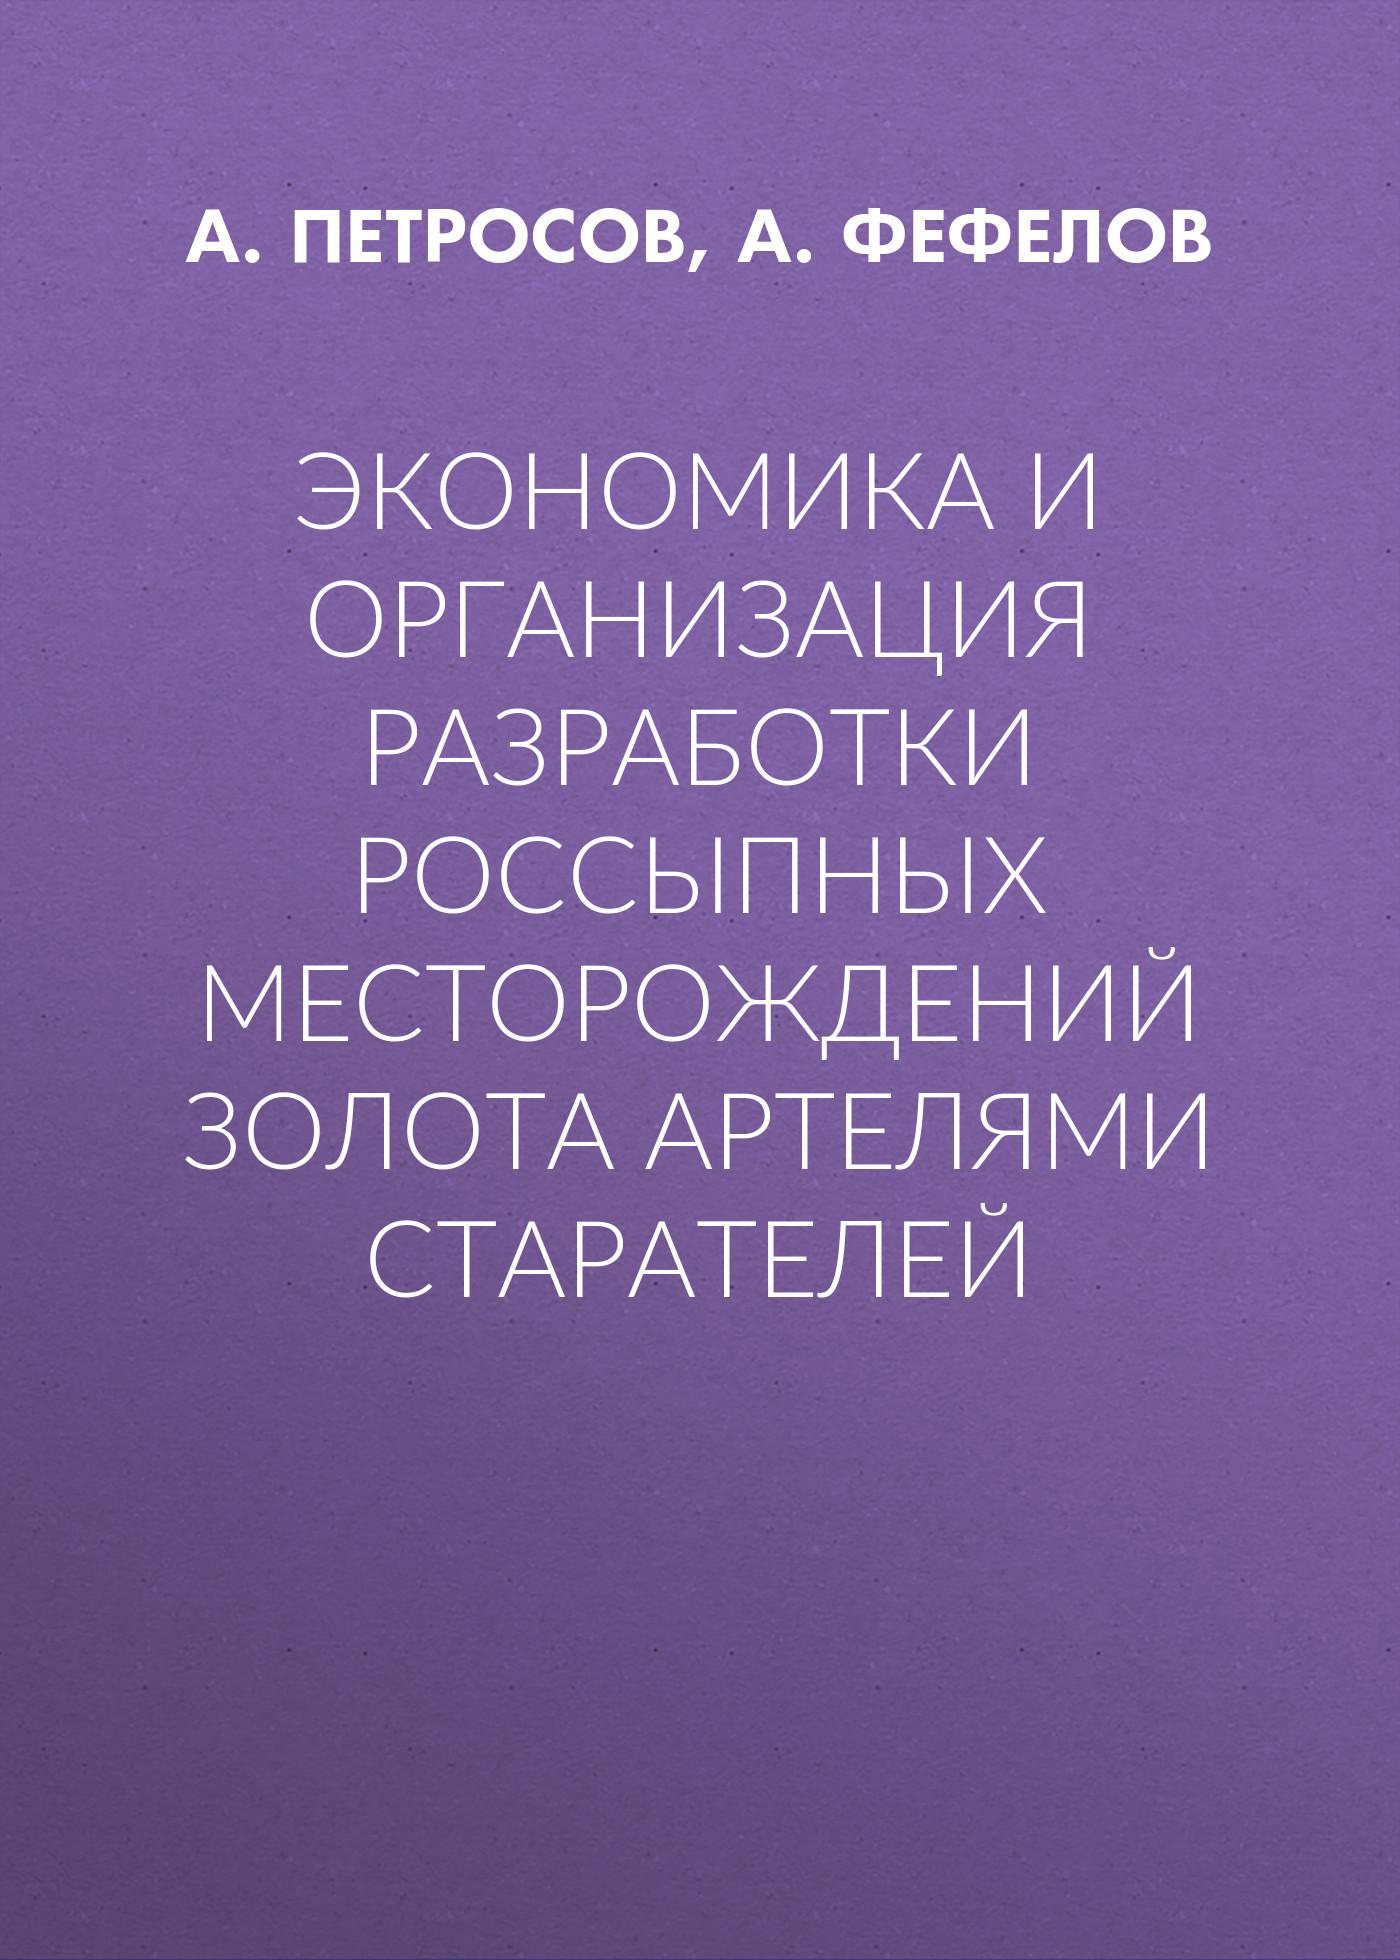 А. Петросов Экономика и организация разработки россыпных месторождений золота артелями старателей